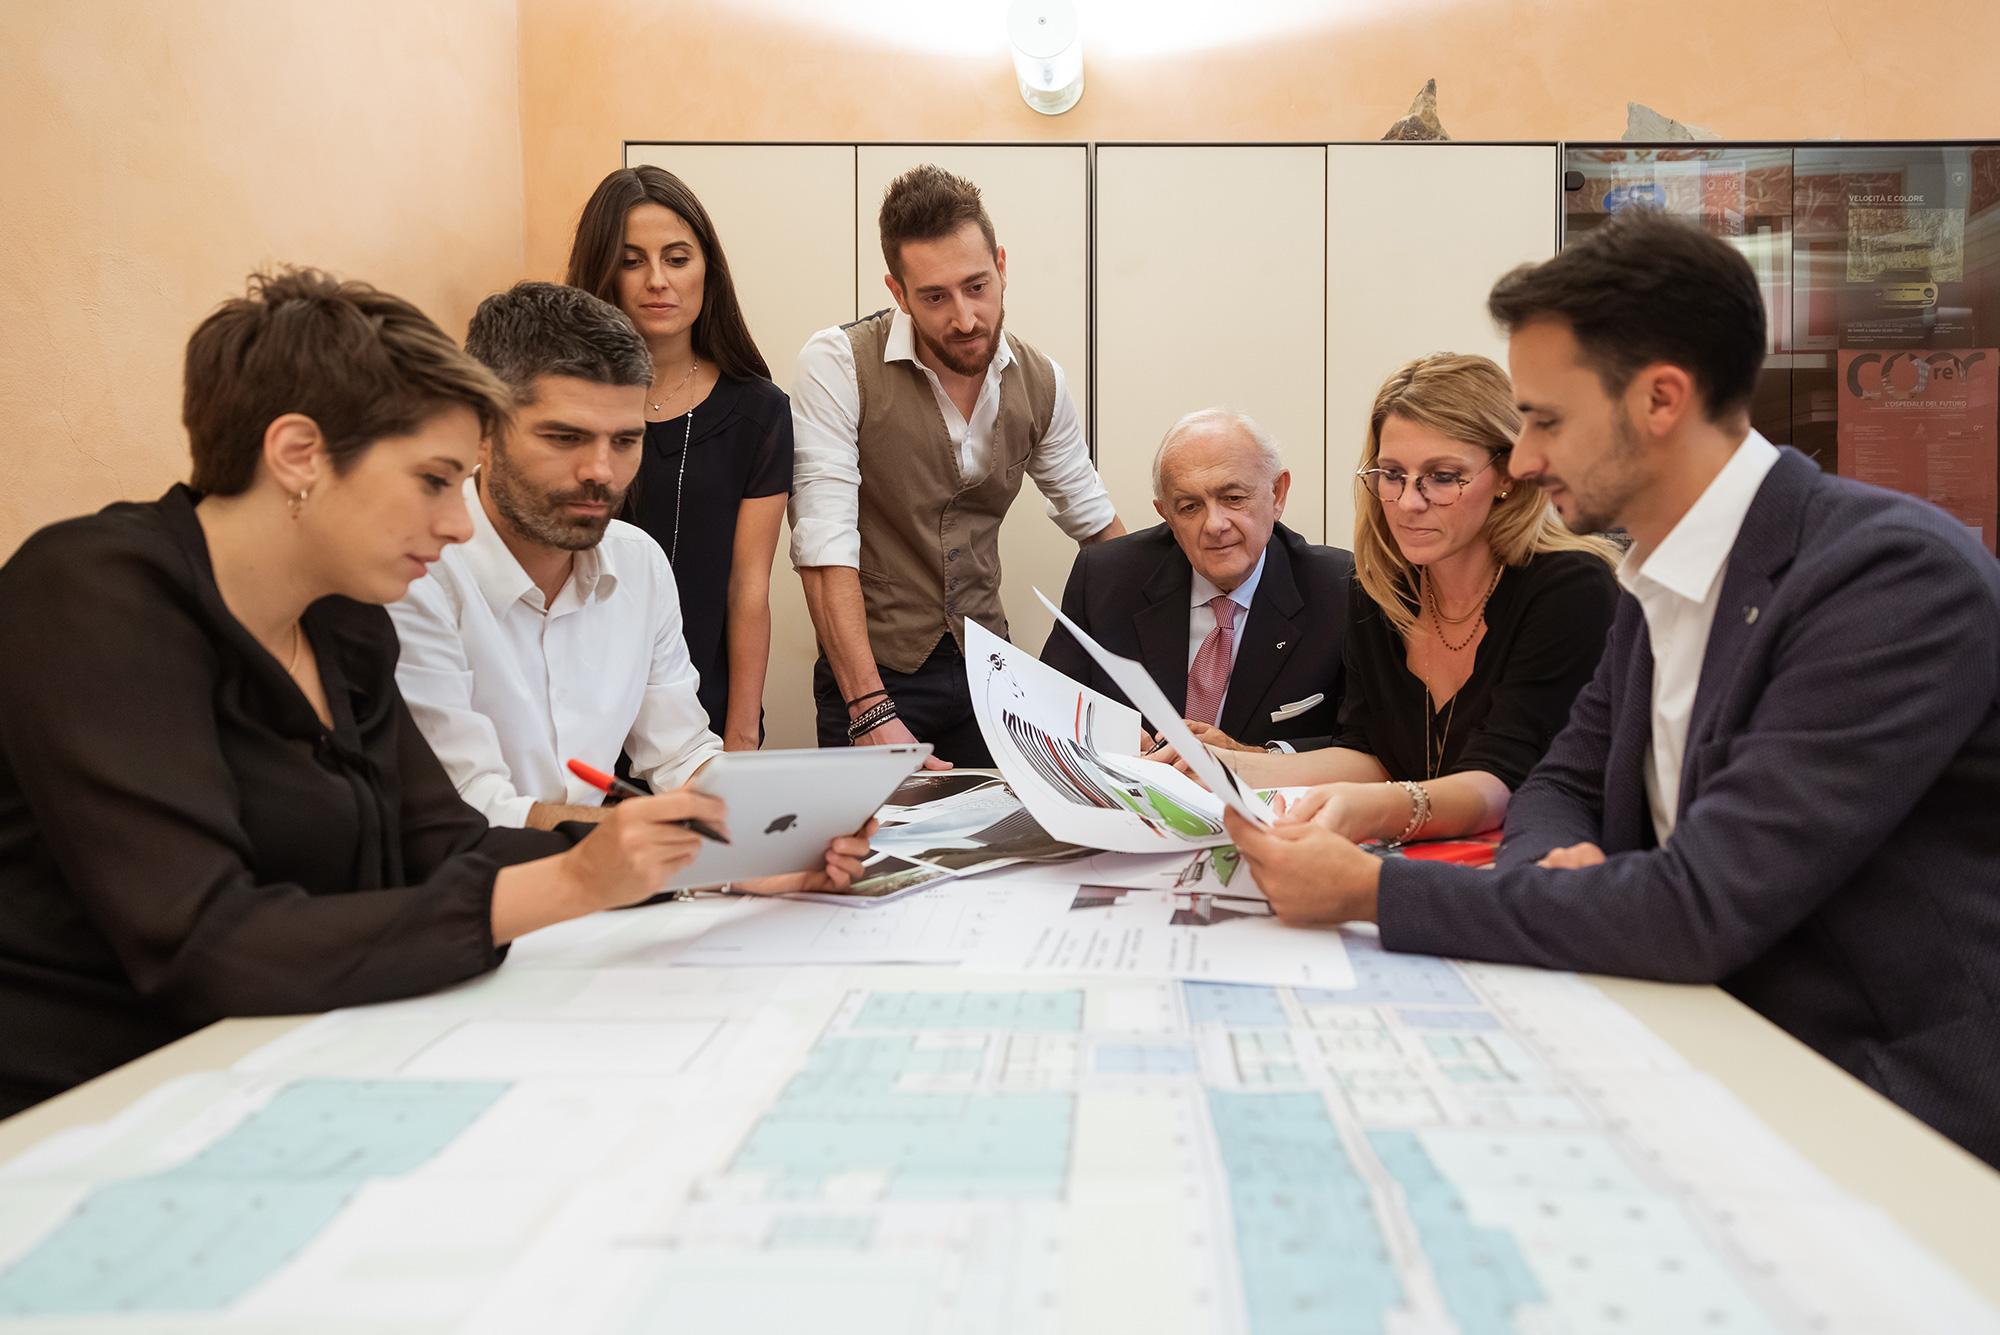 Binini Partners , Società di architettura e ingegneria, Reggio Emilia, Italia